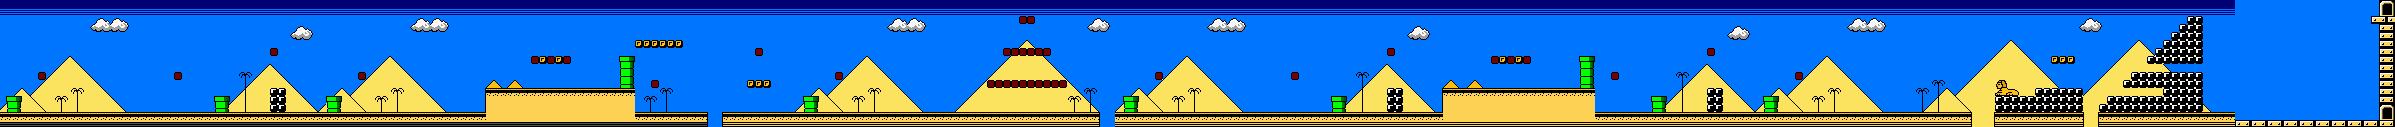 Level 6:Super Mario Land